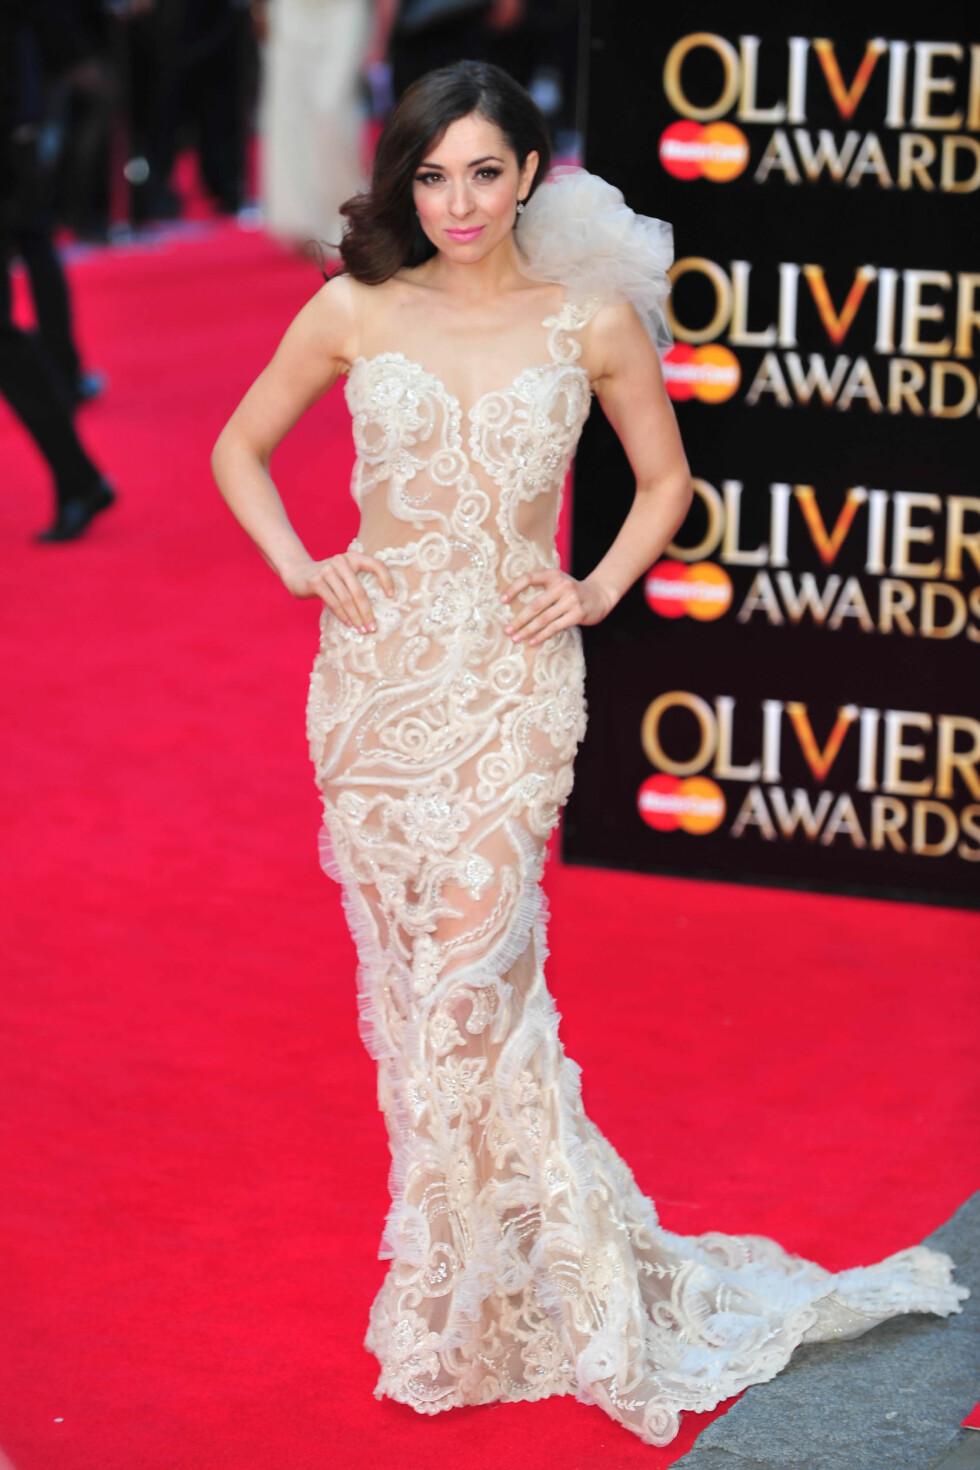 Laurence Olivier Awards: Zrinka Cvitesic Foto: Reimschuessel / Splash News/ All Over Press